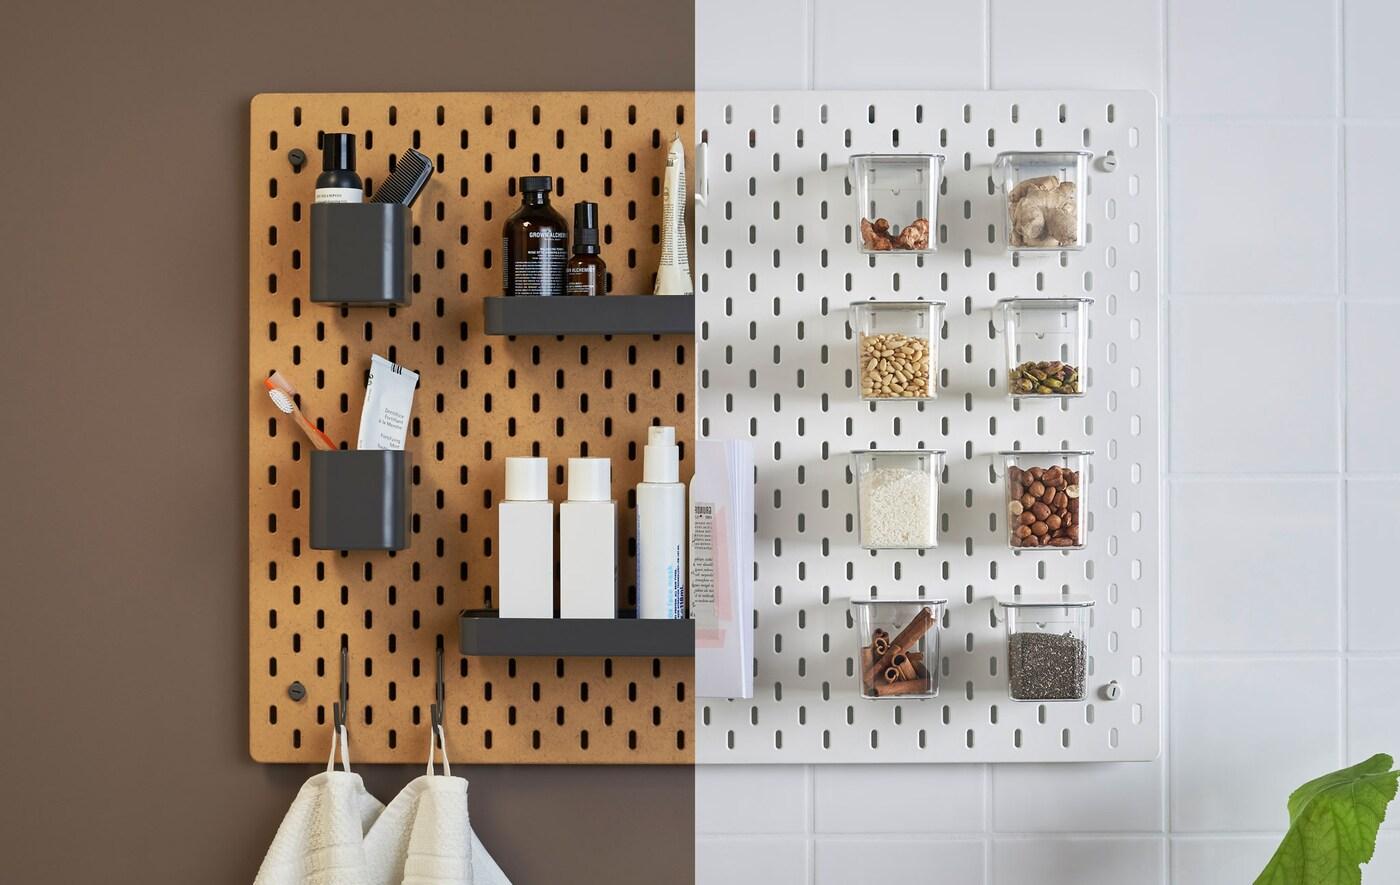 Ruskea säilytystaulu kylpyhuoneessa ja valkoinen säilytystaulu keittiössä kuvattuna rinnakkain